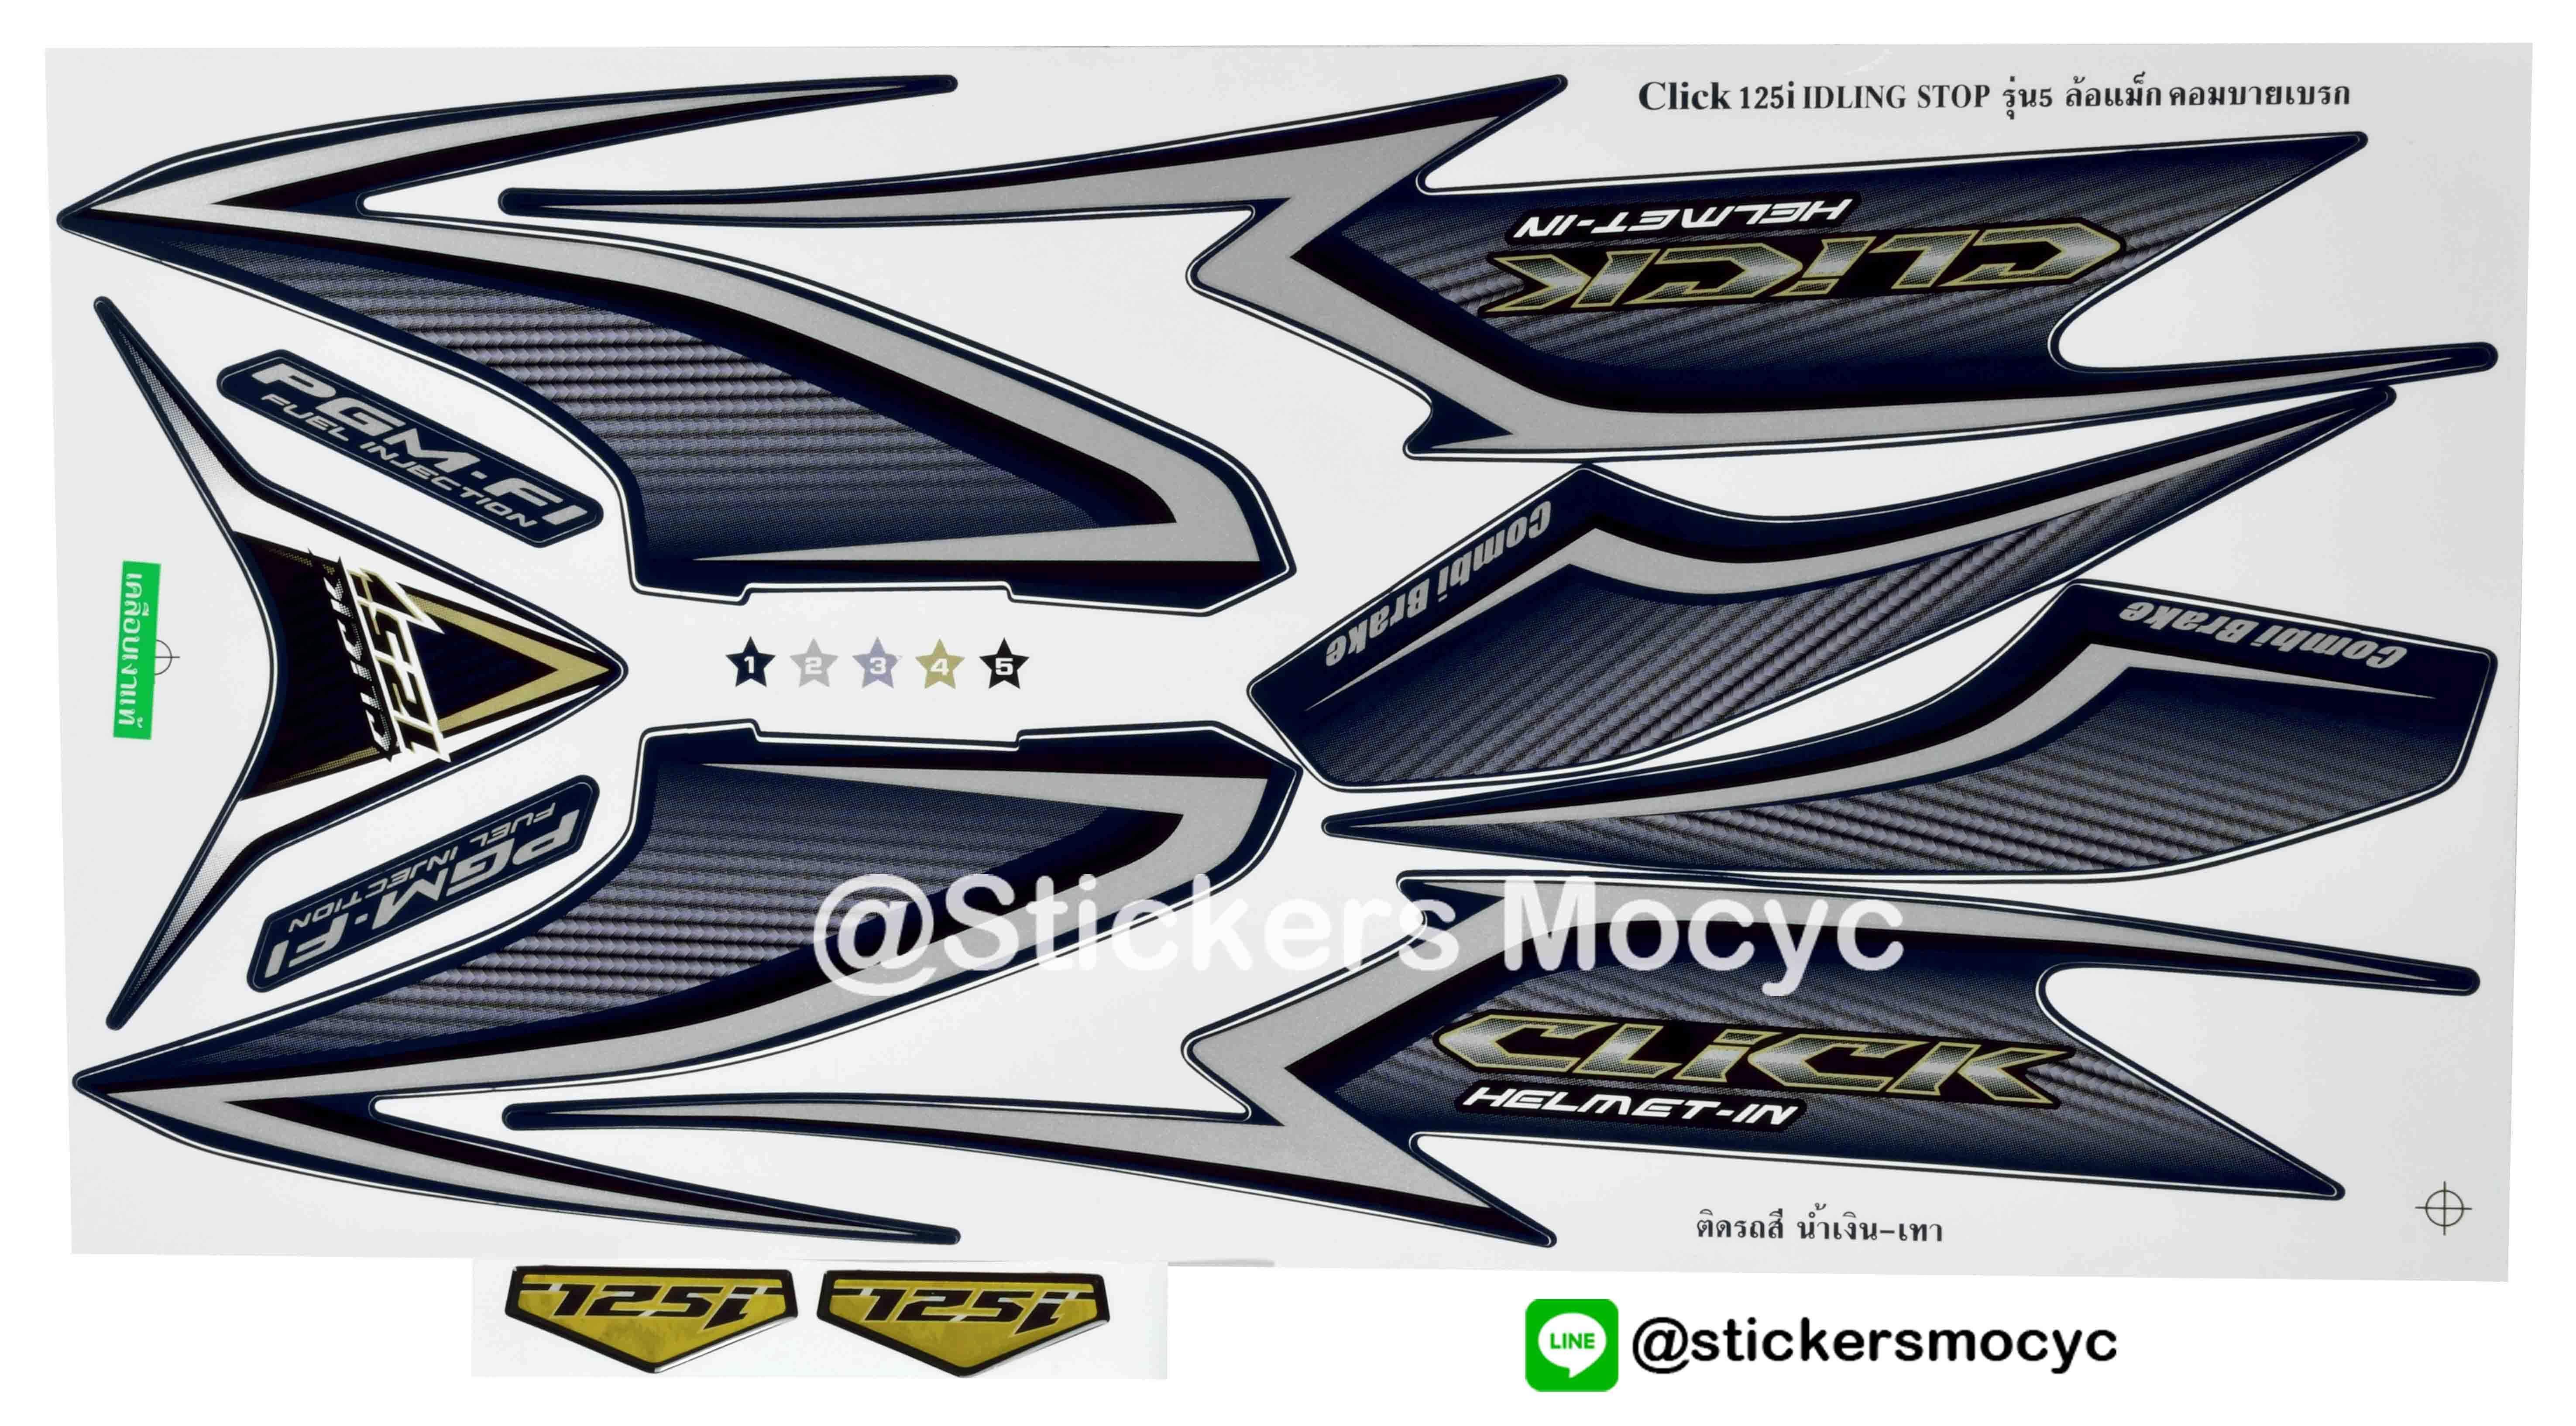 สติ๊กเกอร์ click 125i sticker click 125i แต่ง ปี 2012 รุ่น 5 ติดรถ สีน้ำเงิน เทา (เคลือบเงา)